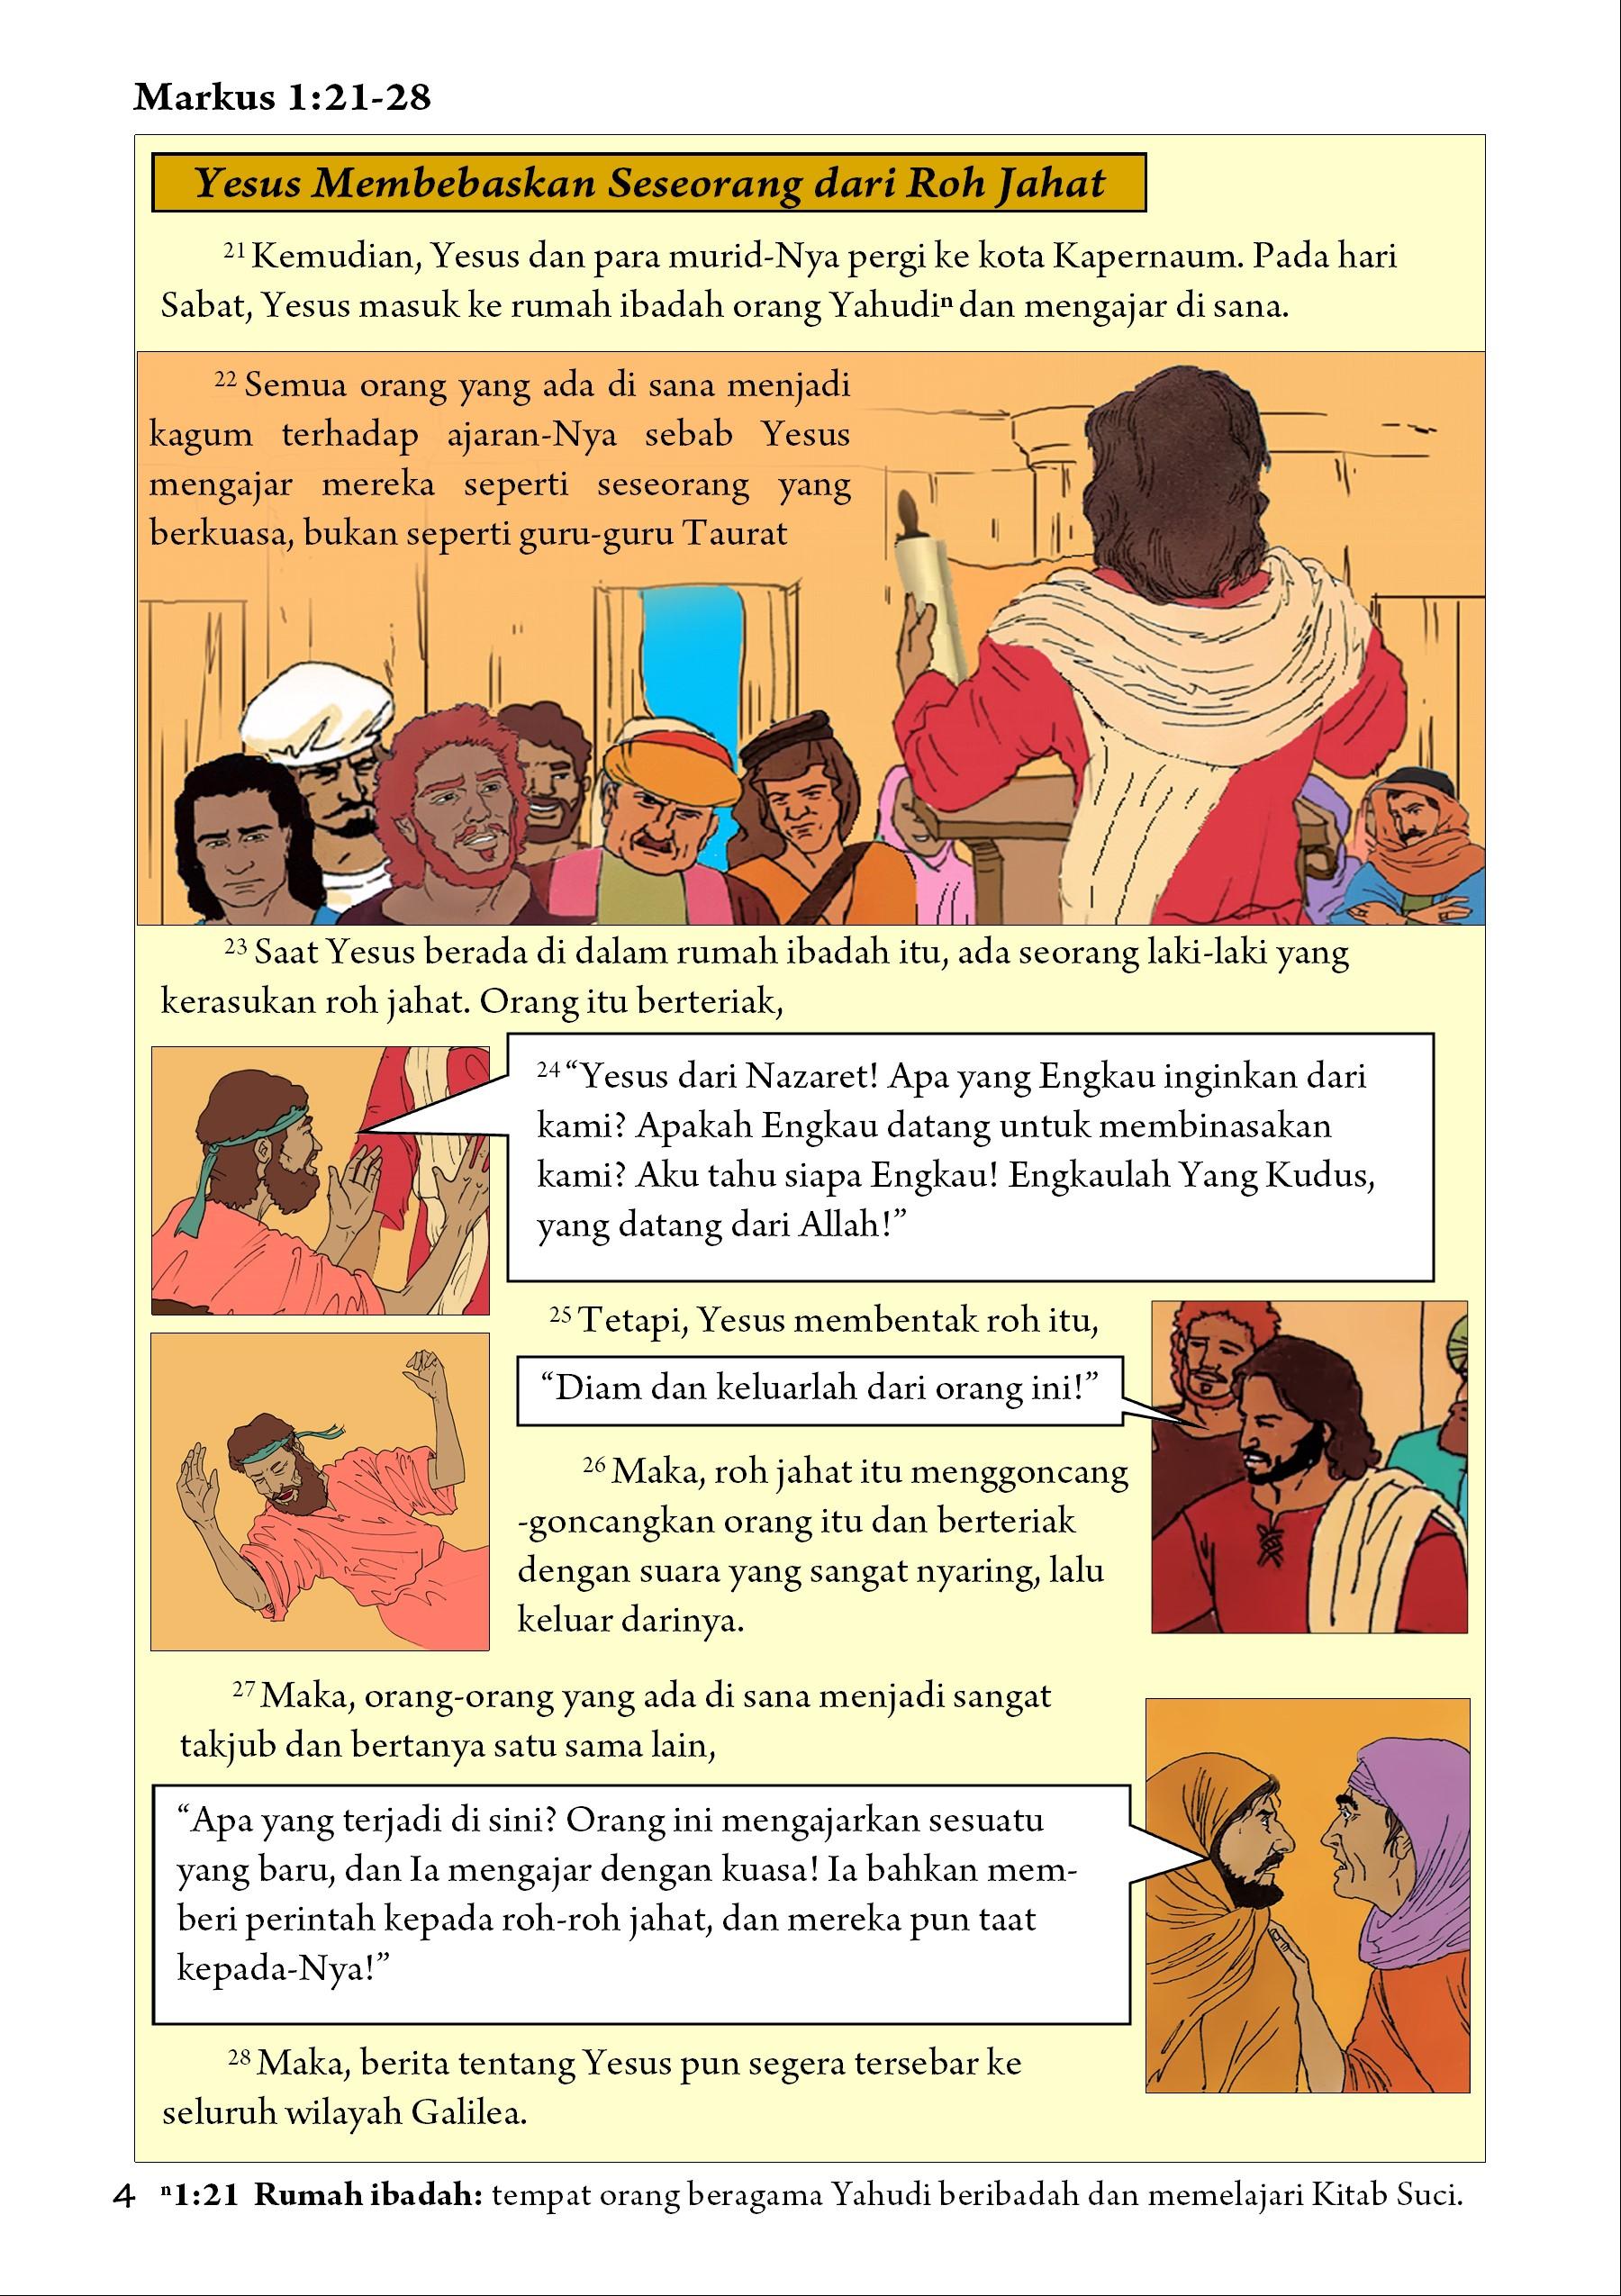 Markus 1:21-28